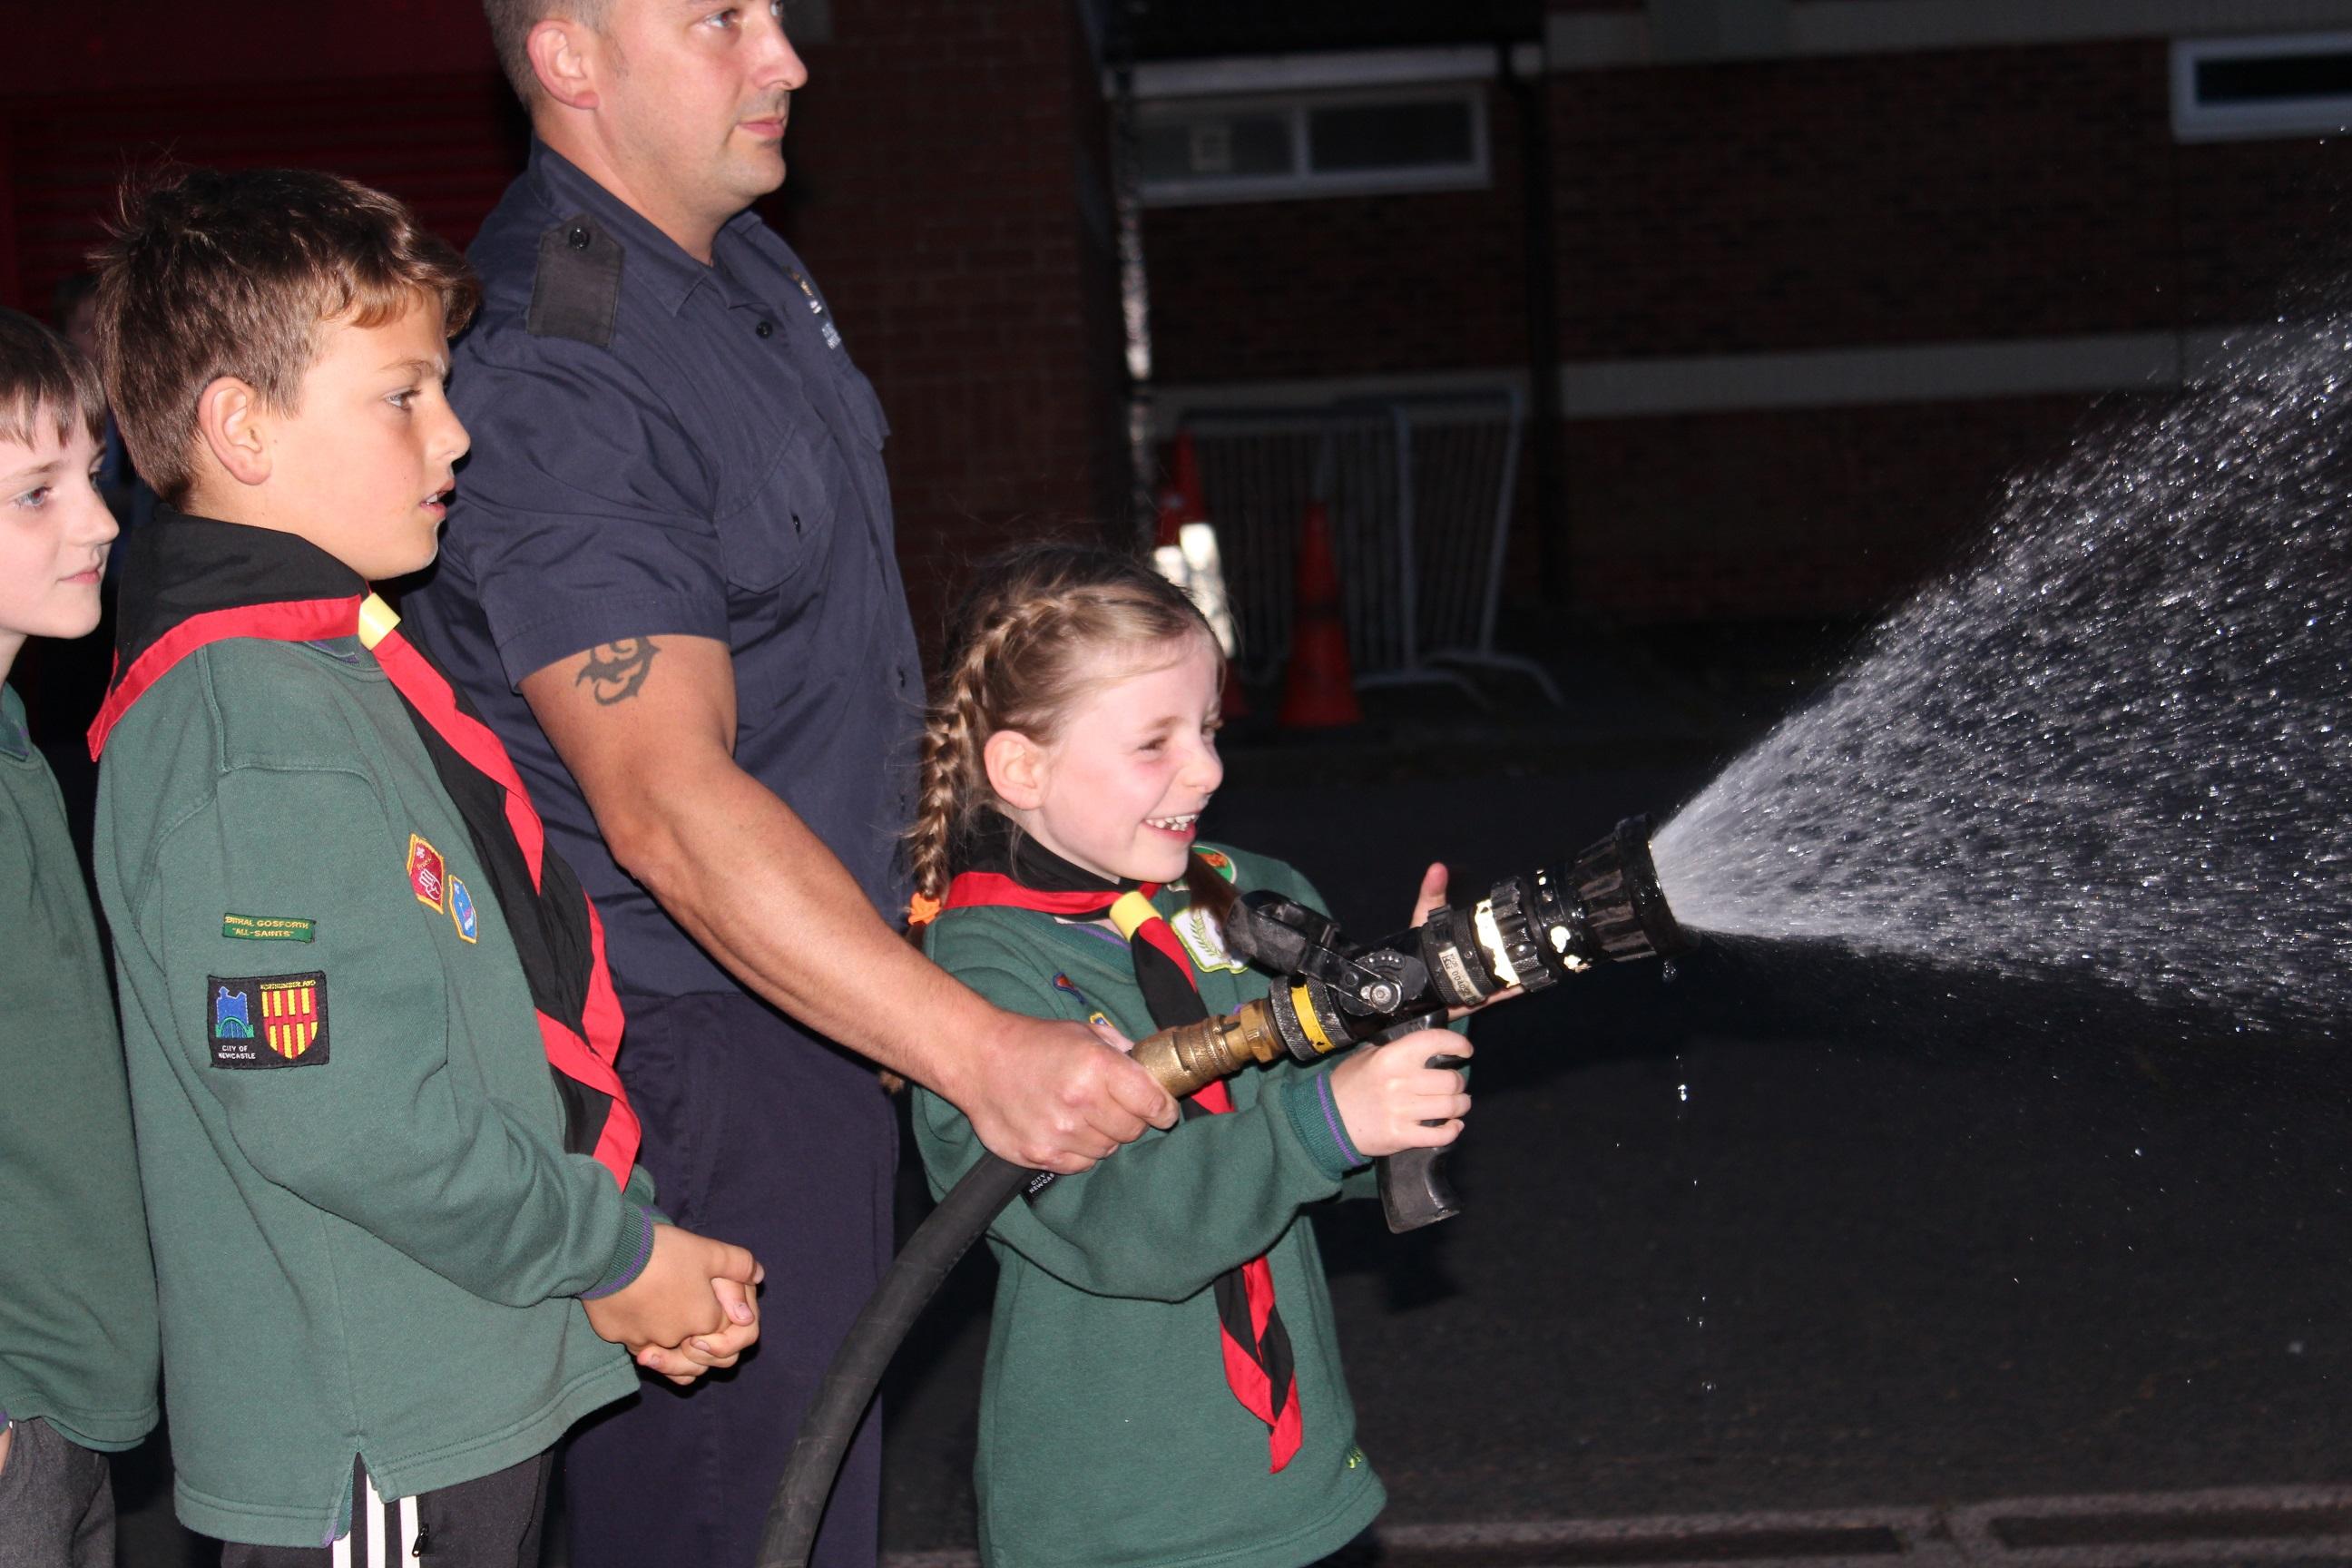 Gosforth fire station visit